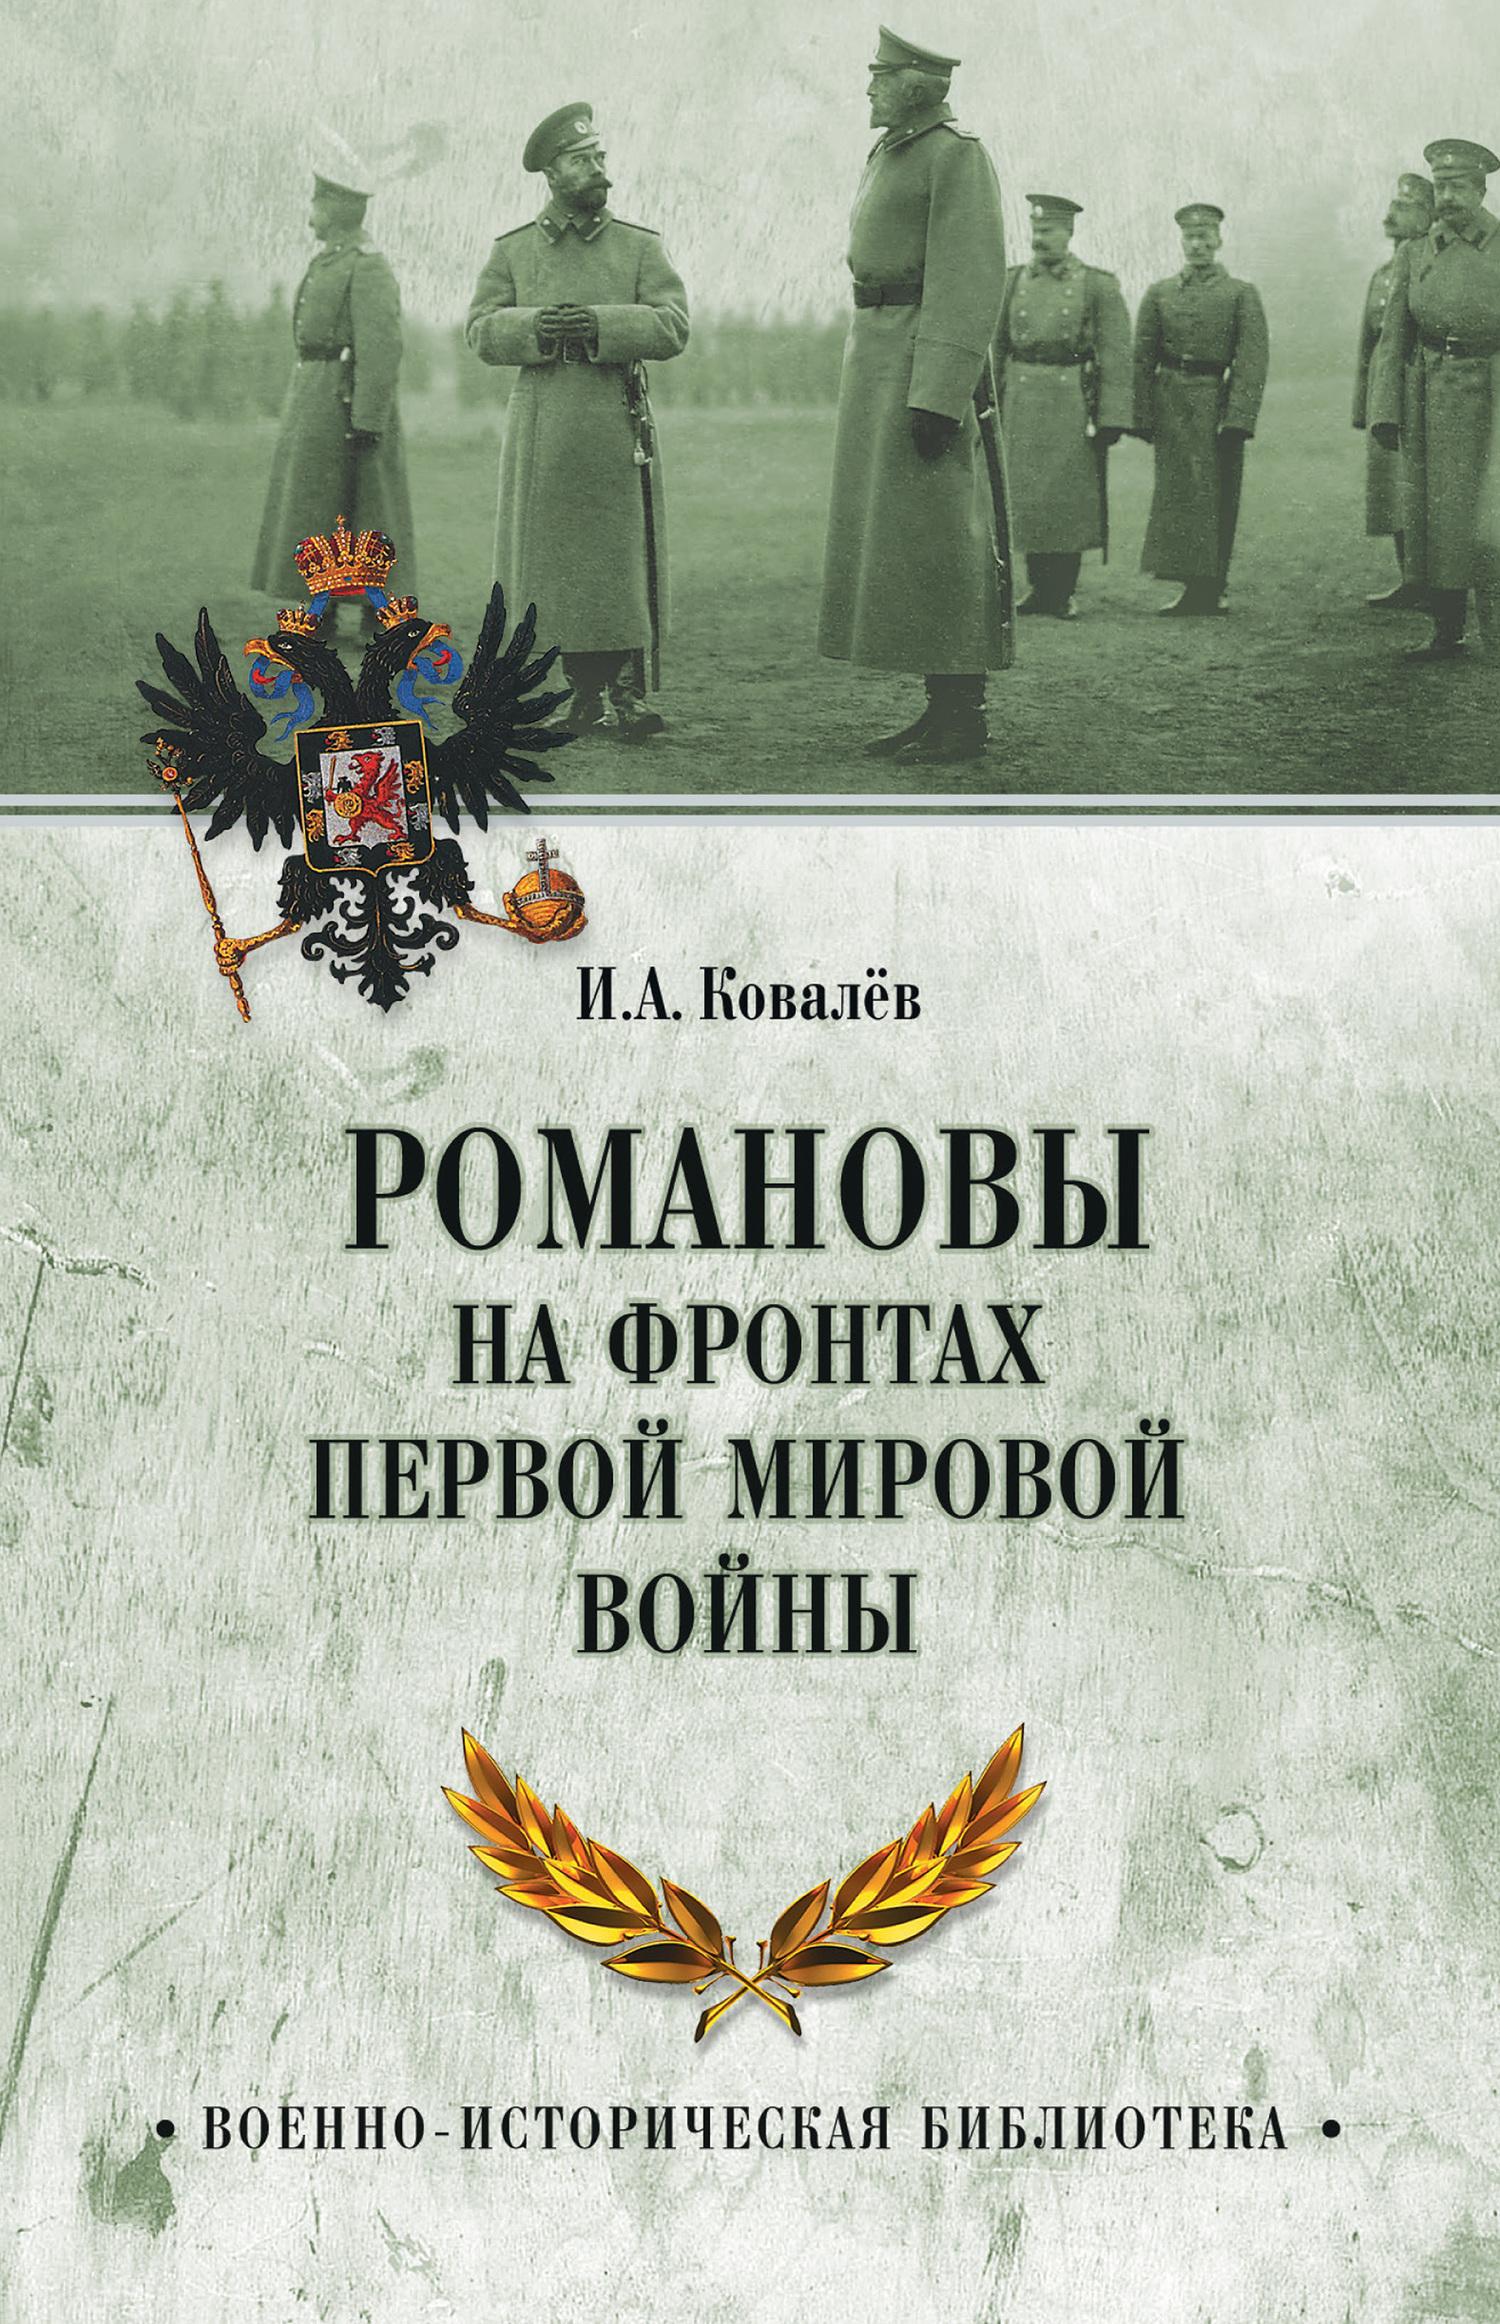 Илья Ковалев - Романовы на фронтах Первой мировой